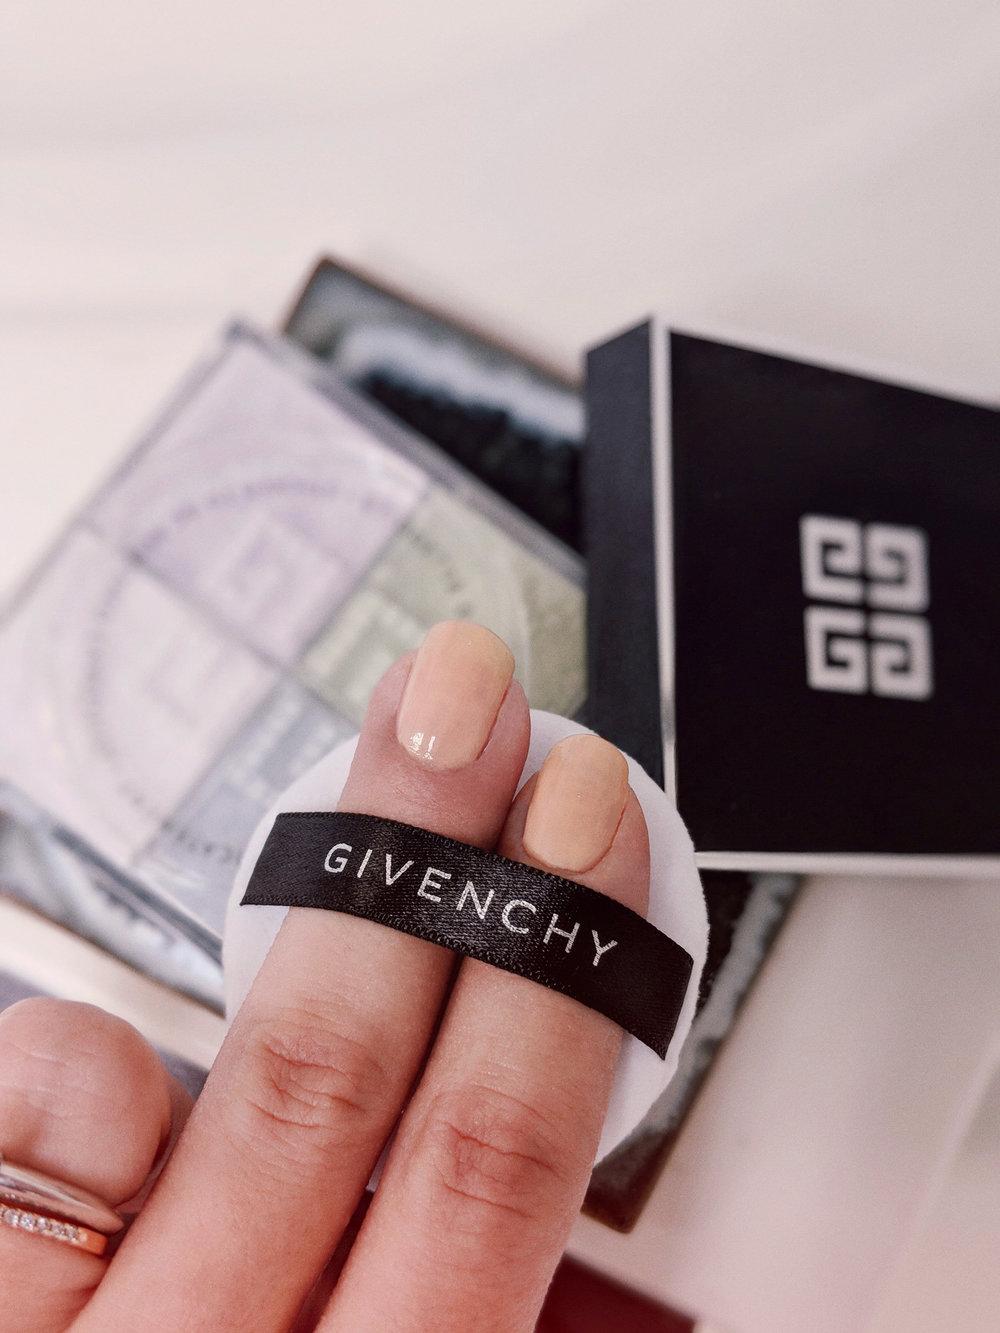 Givenchy loose powder